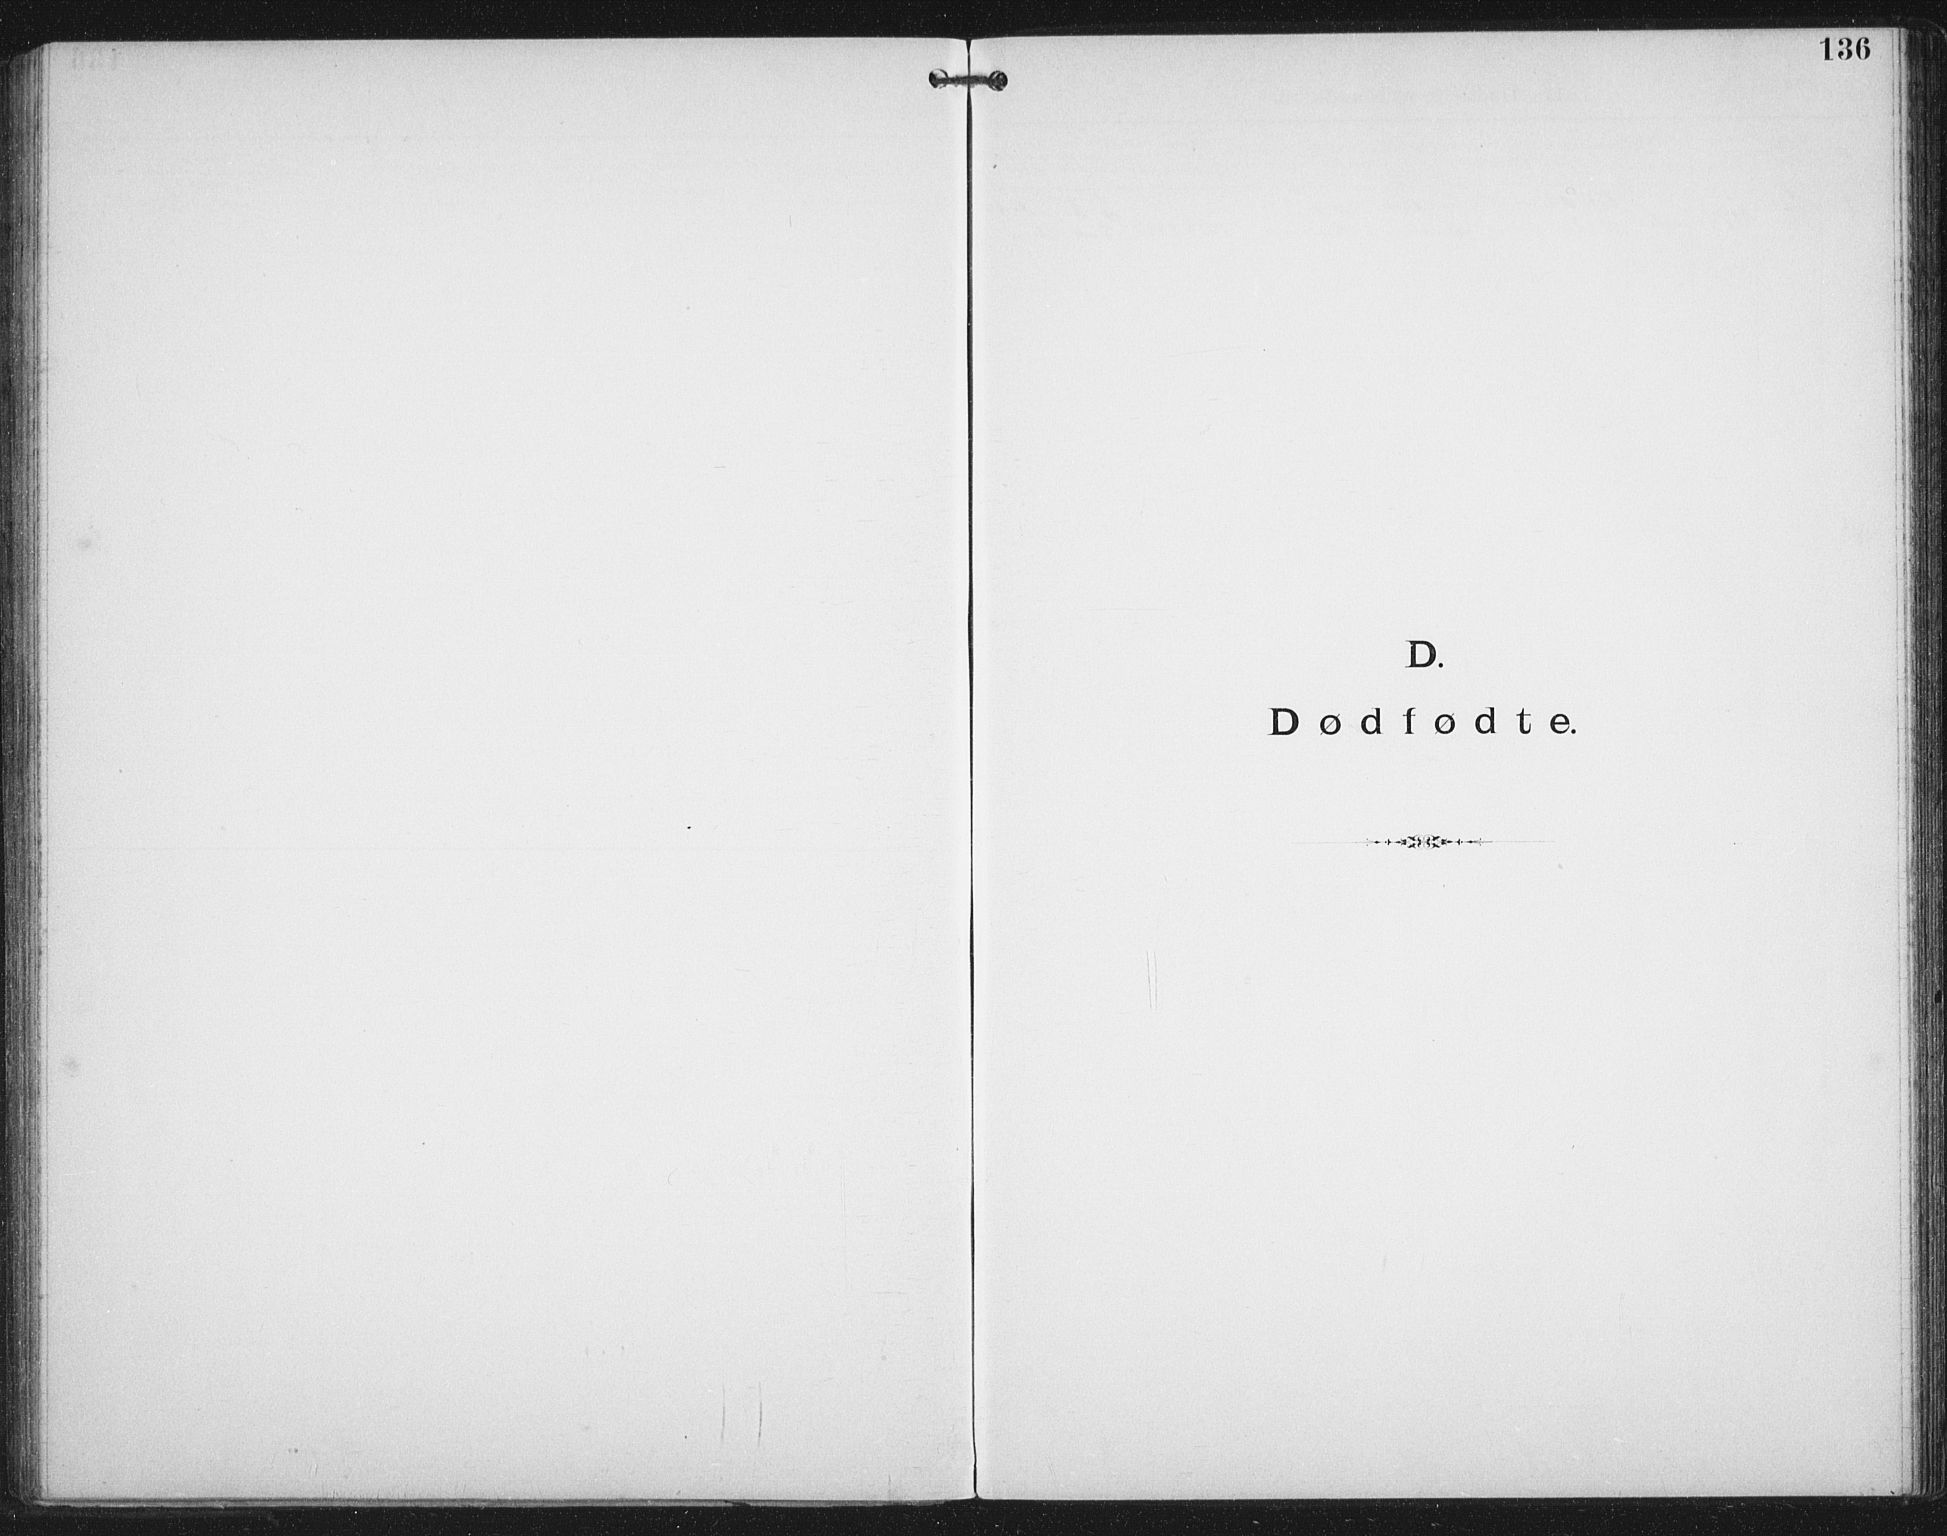 SAT, Ministerialprotokoller, klokkerbøker og fødselsregistre - Nordland, 881/L1174: Dissenterprotokoll nr. 881D01, 1891-1933, s. 136